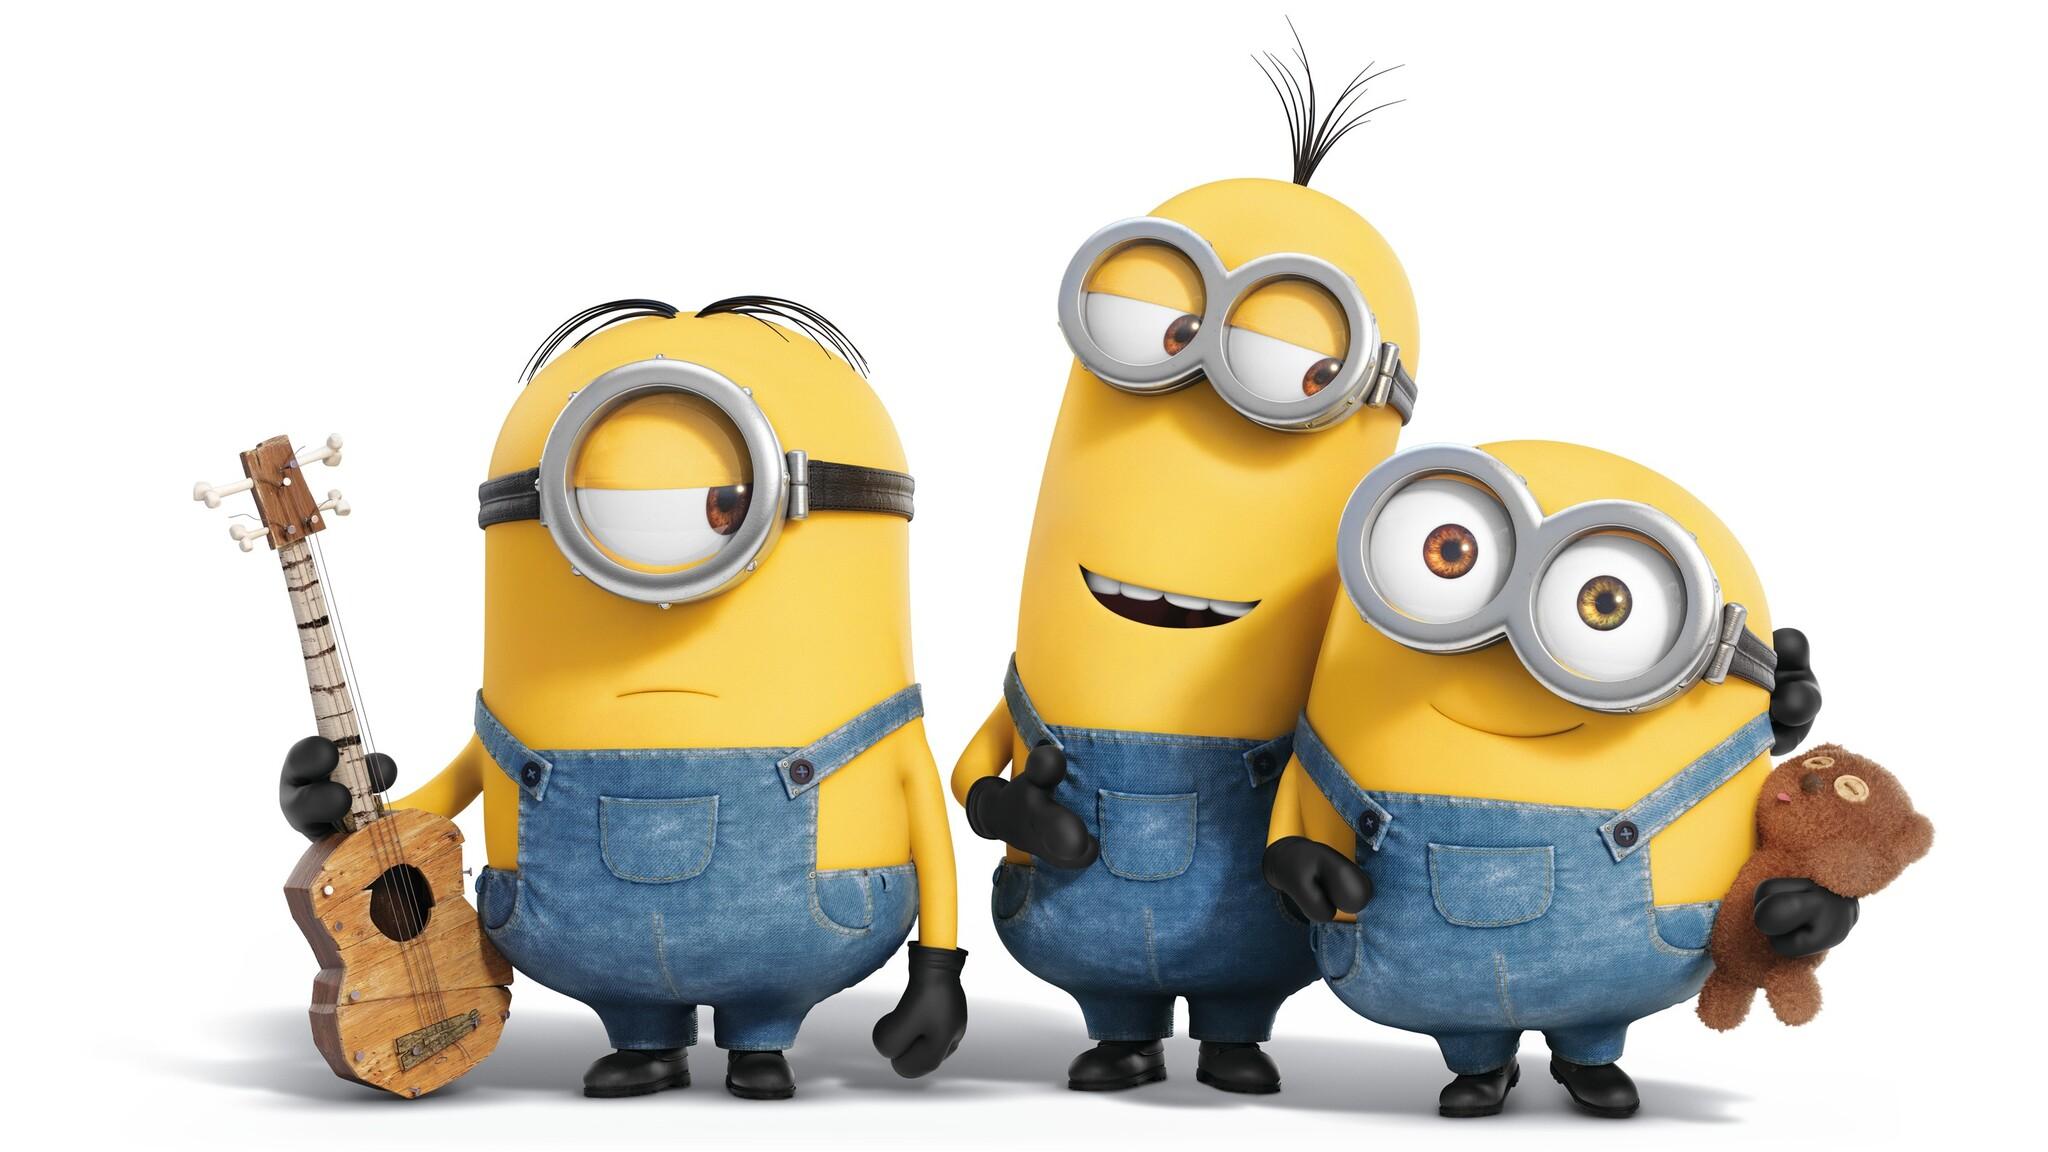 2048x1152 Minions Movie 2048x1152 Resolution HD 4k ...